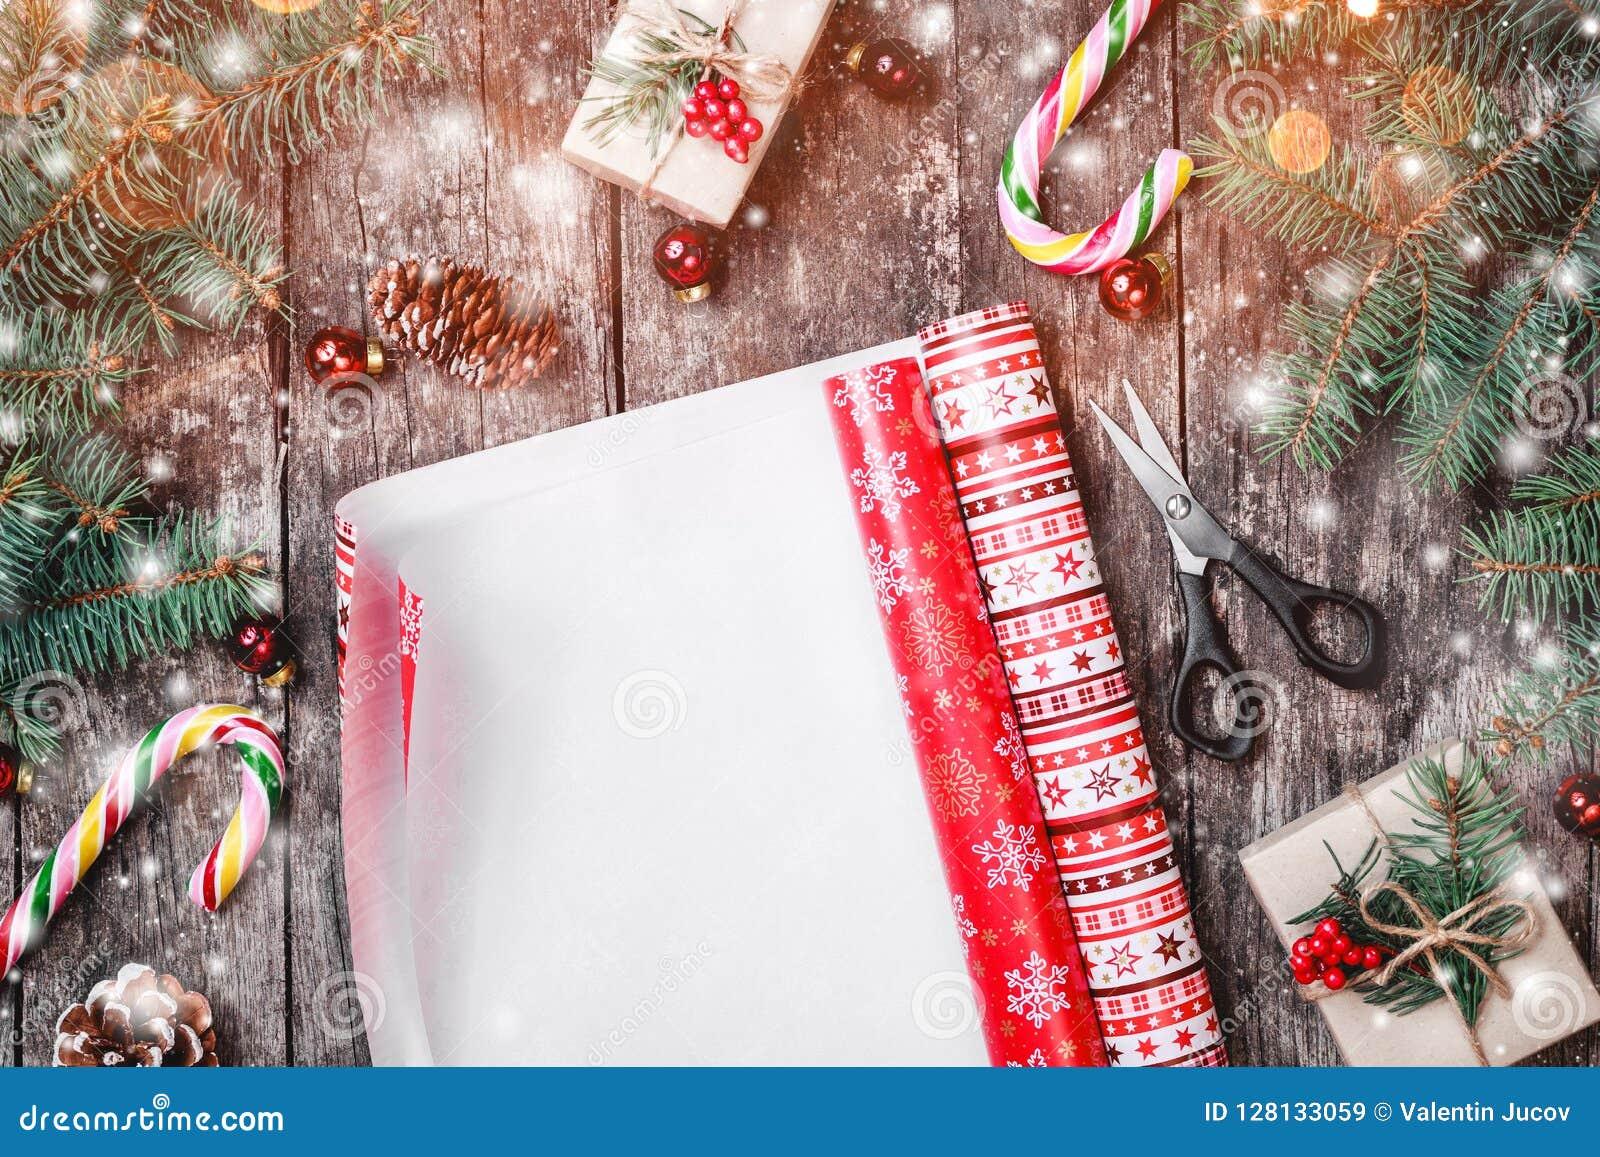 Weihnachtszusammensetzung mit einwickelndem Weihnachten, Tannenzweige, Geschenke, Kiefernkegel, rote Dekorationen auf hölzernem H